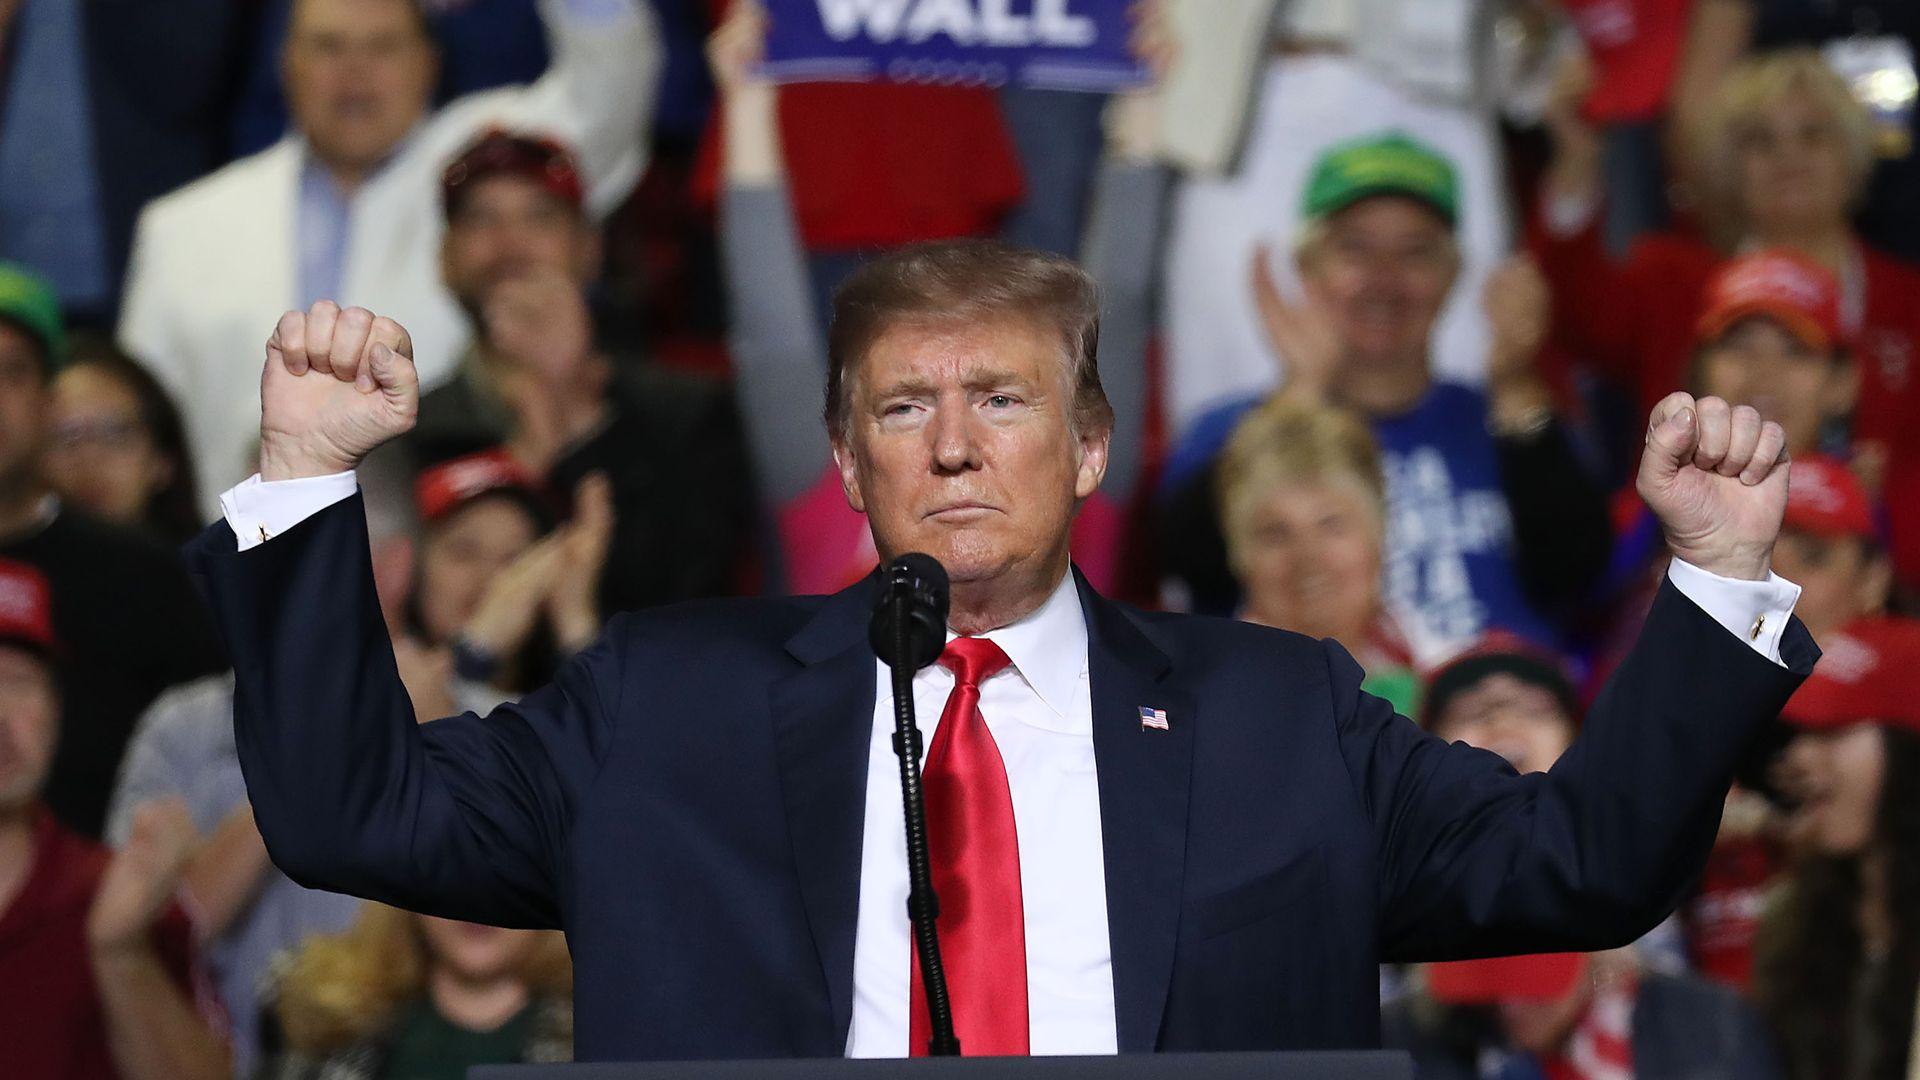 Trump in rally in el paso